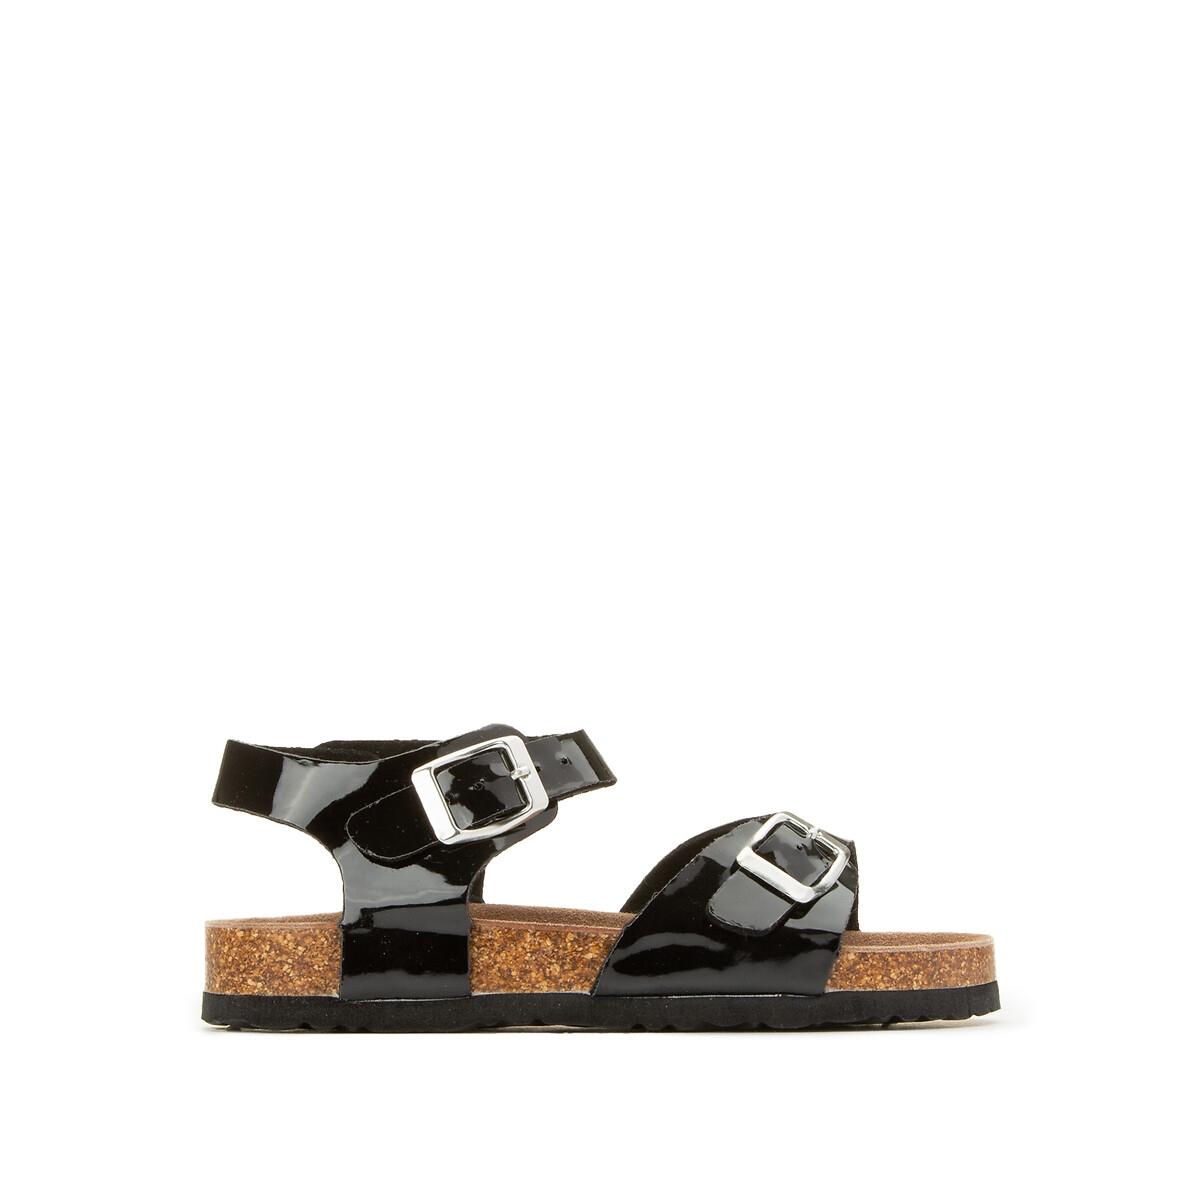 мокасины la redoute кожаные лакированные с кисточками размеры 32 черный Босоножки LaRedoute Лакированные размеры 26-39 32 черный